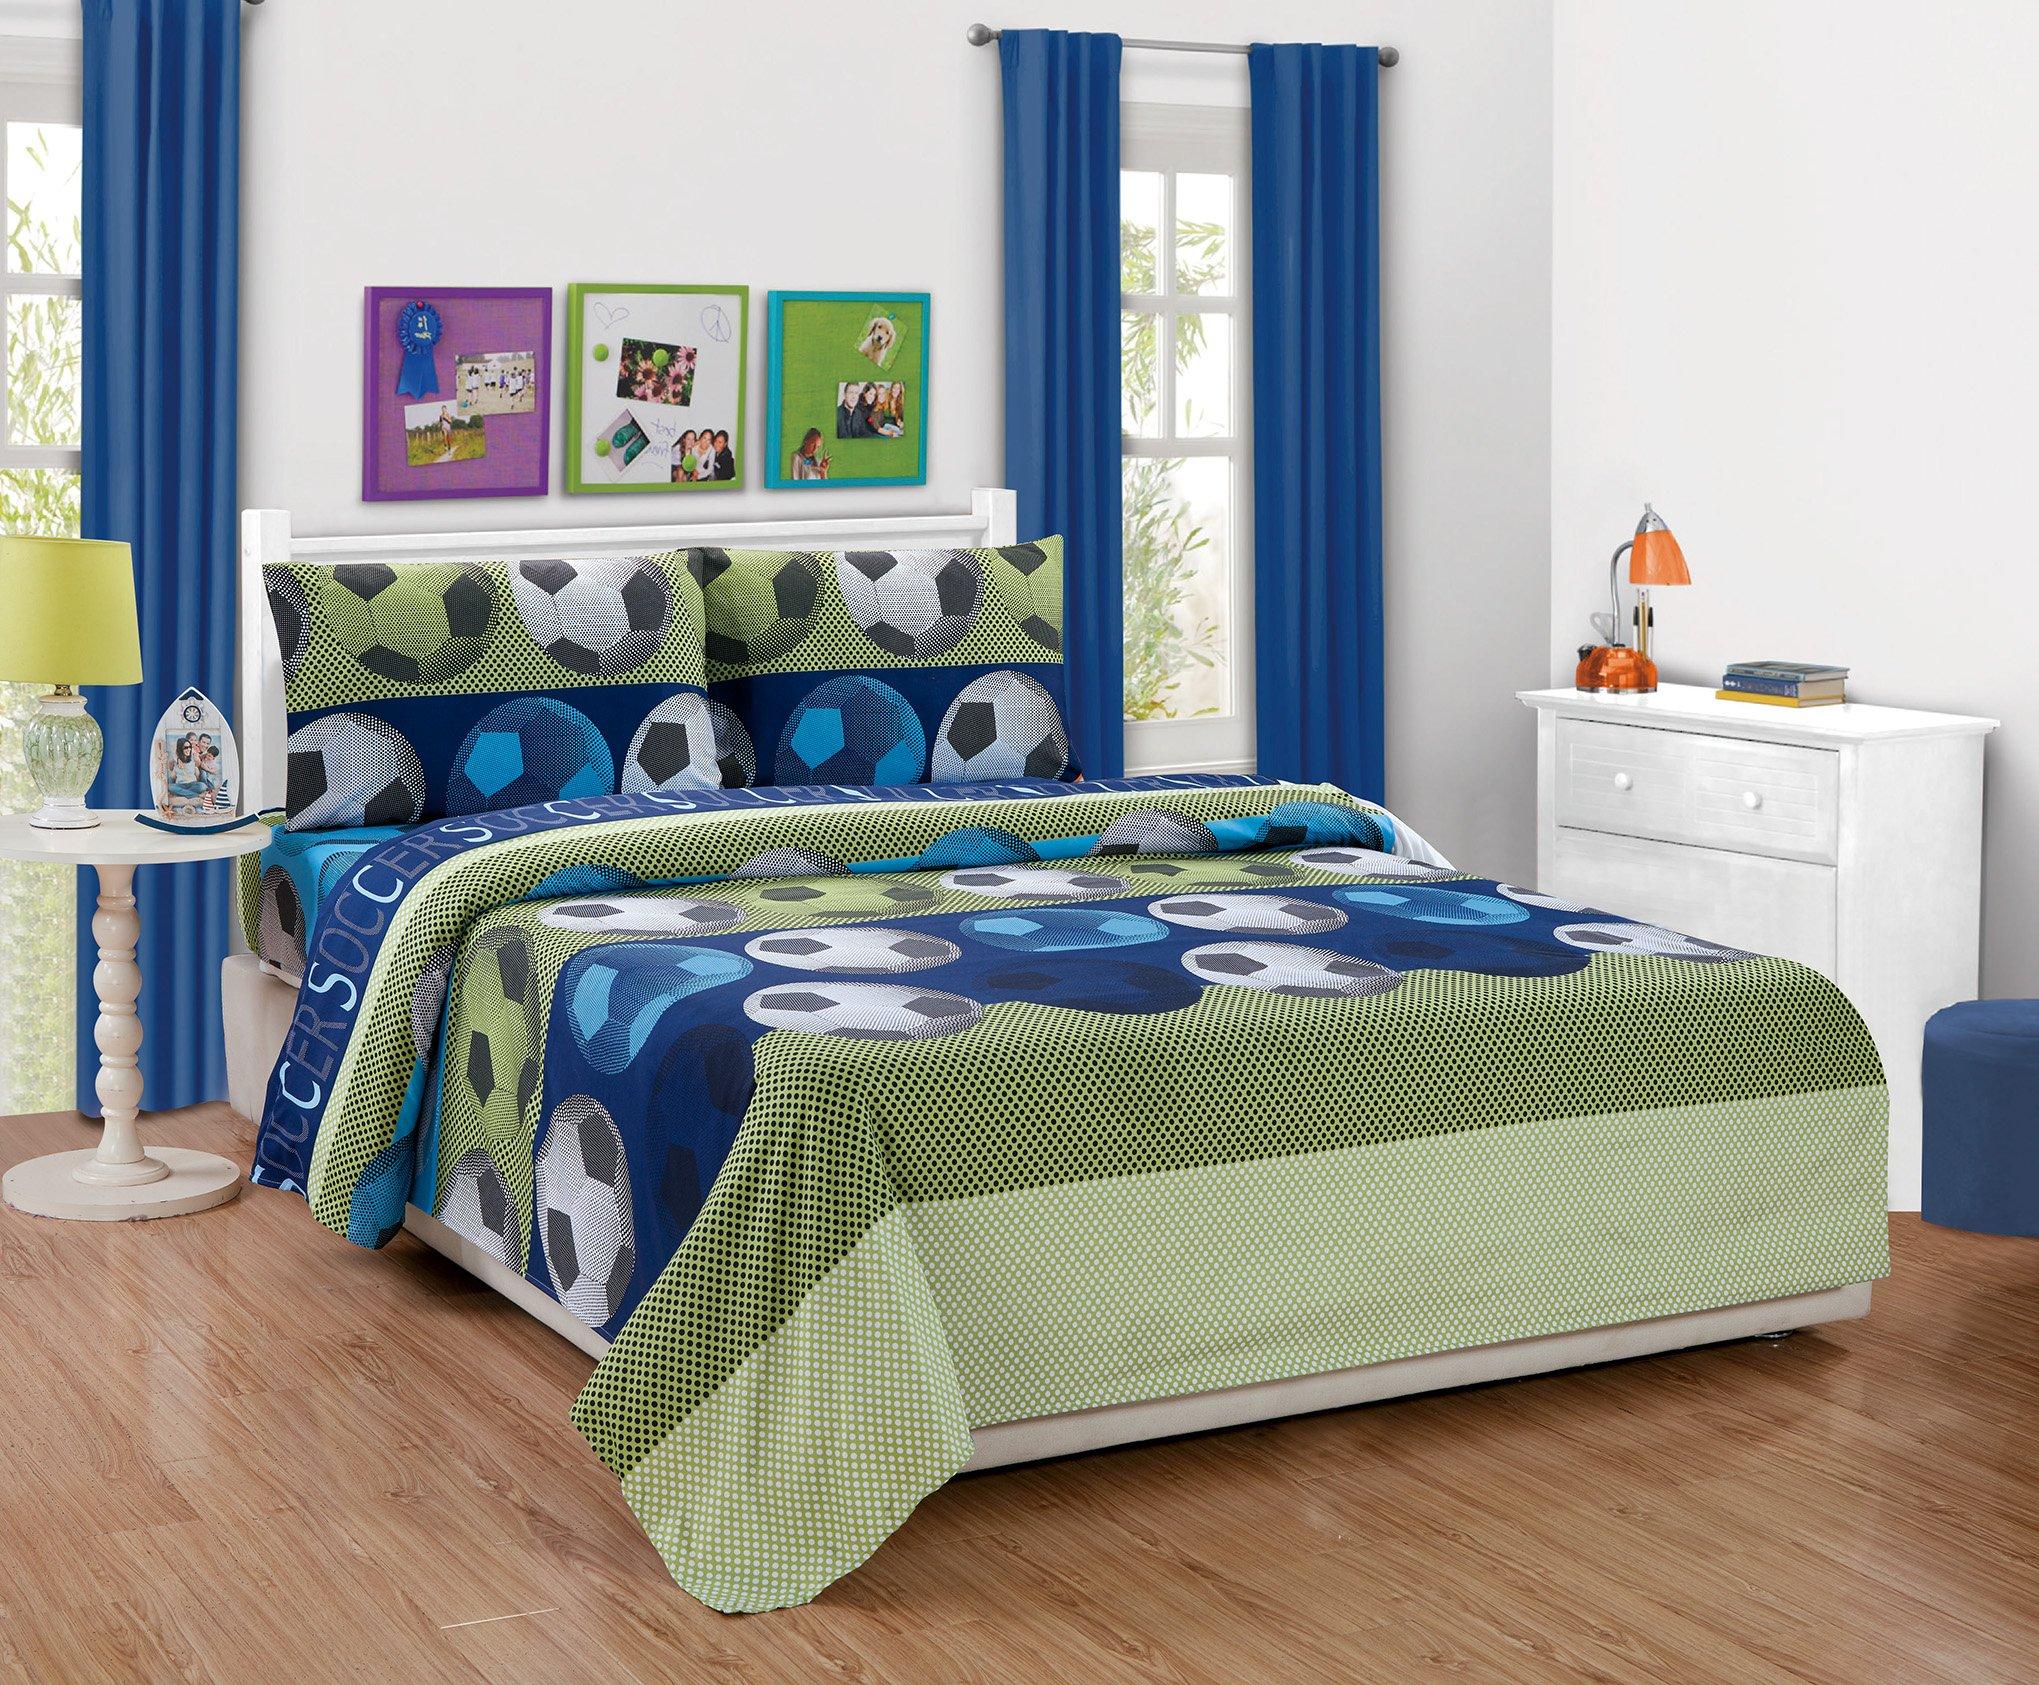 MK Home Mk Collection 4pc Full Sheet Set Soccer Light Blue Green Navy Blue White Black New